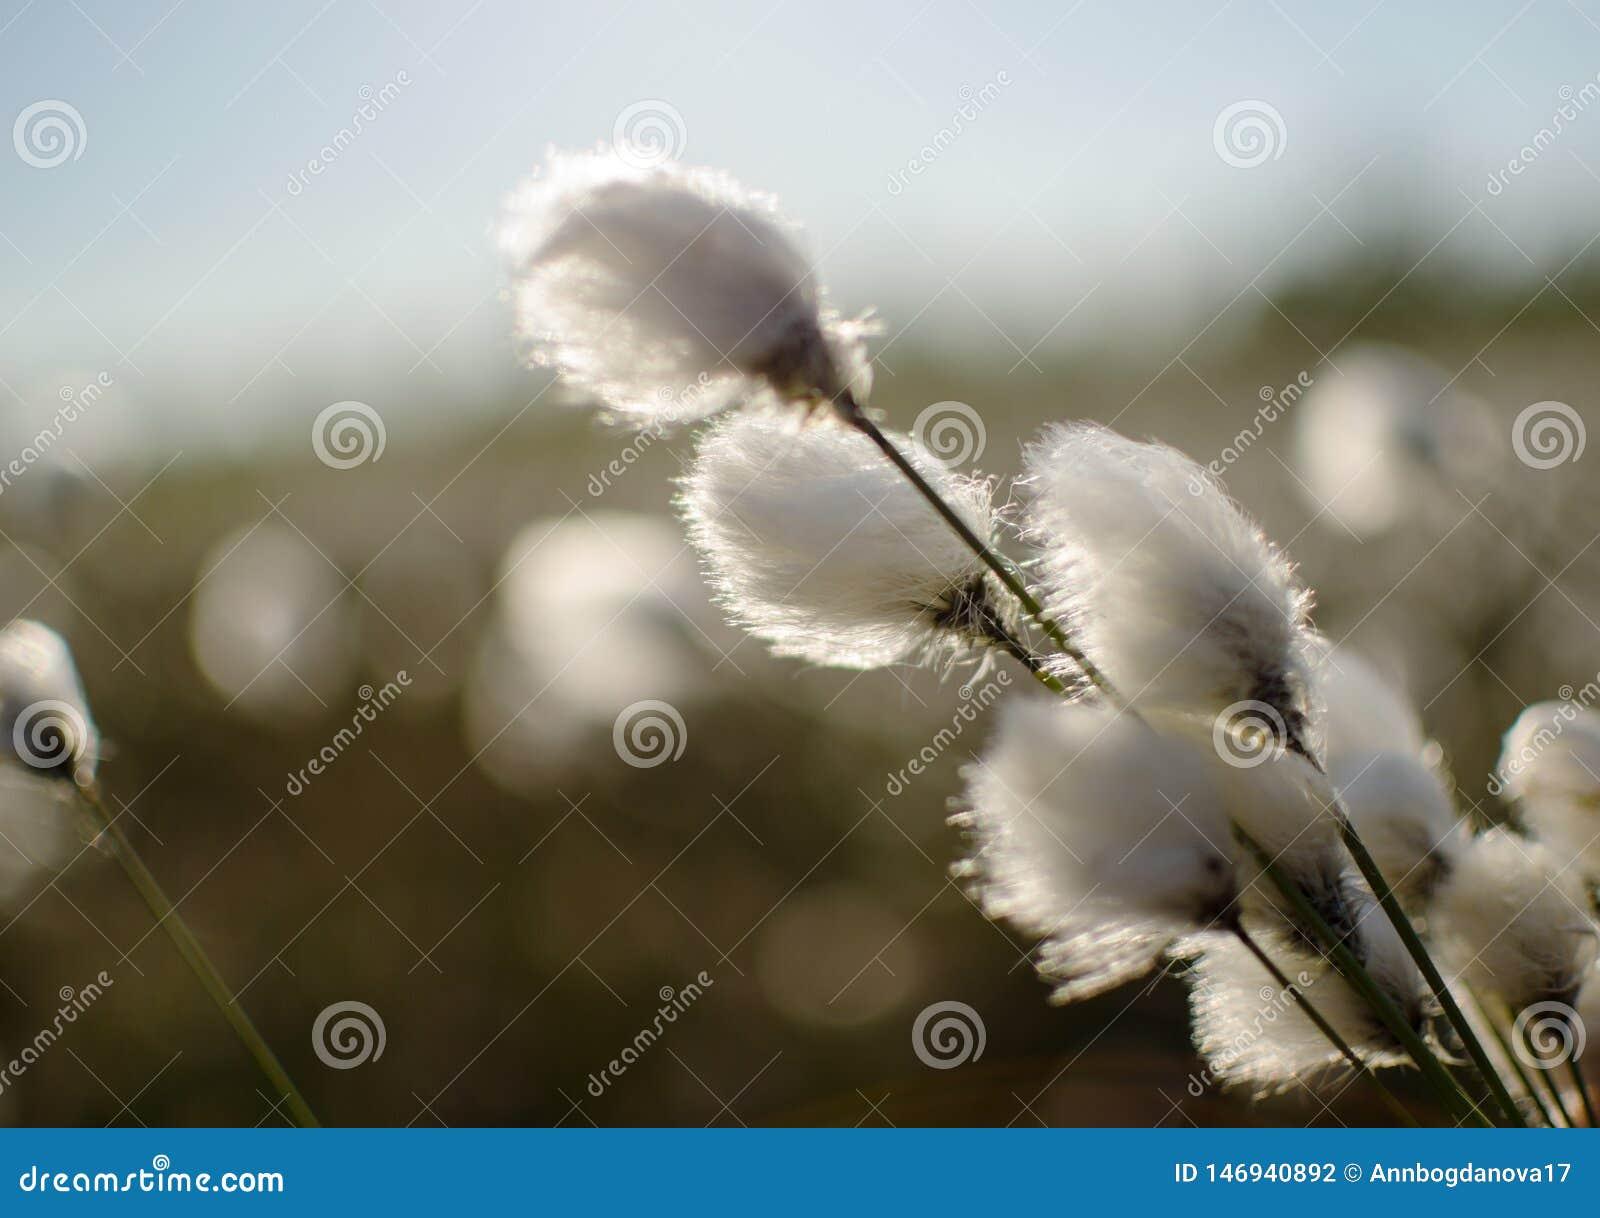 Bagno roślina z ipushistymi kwiatostanami lubi bawełnę, Eriophorum vaginatum kwiaty w wiośnie